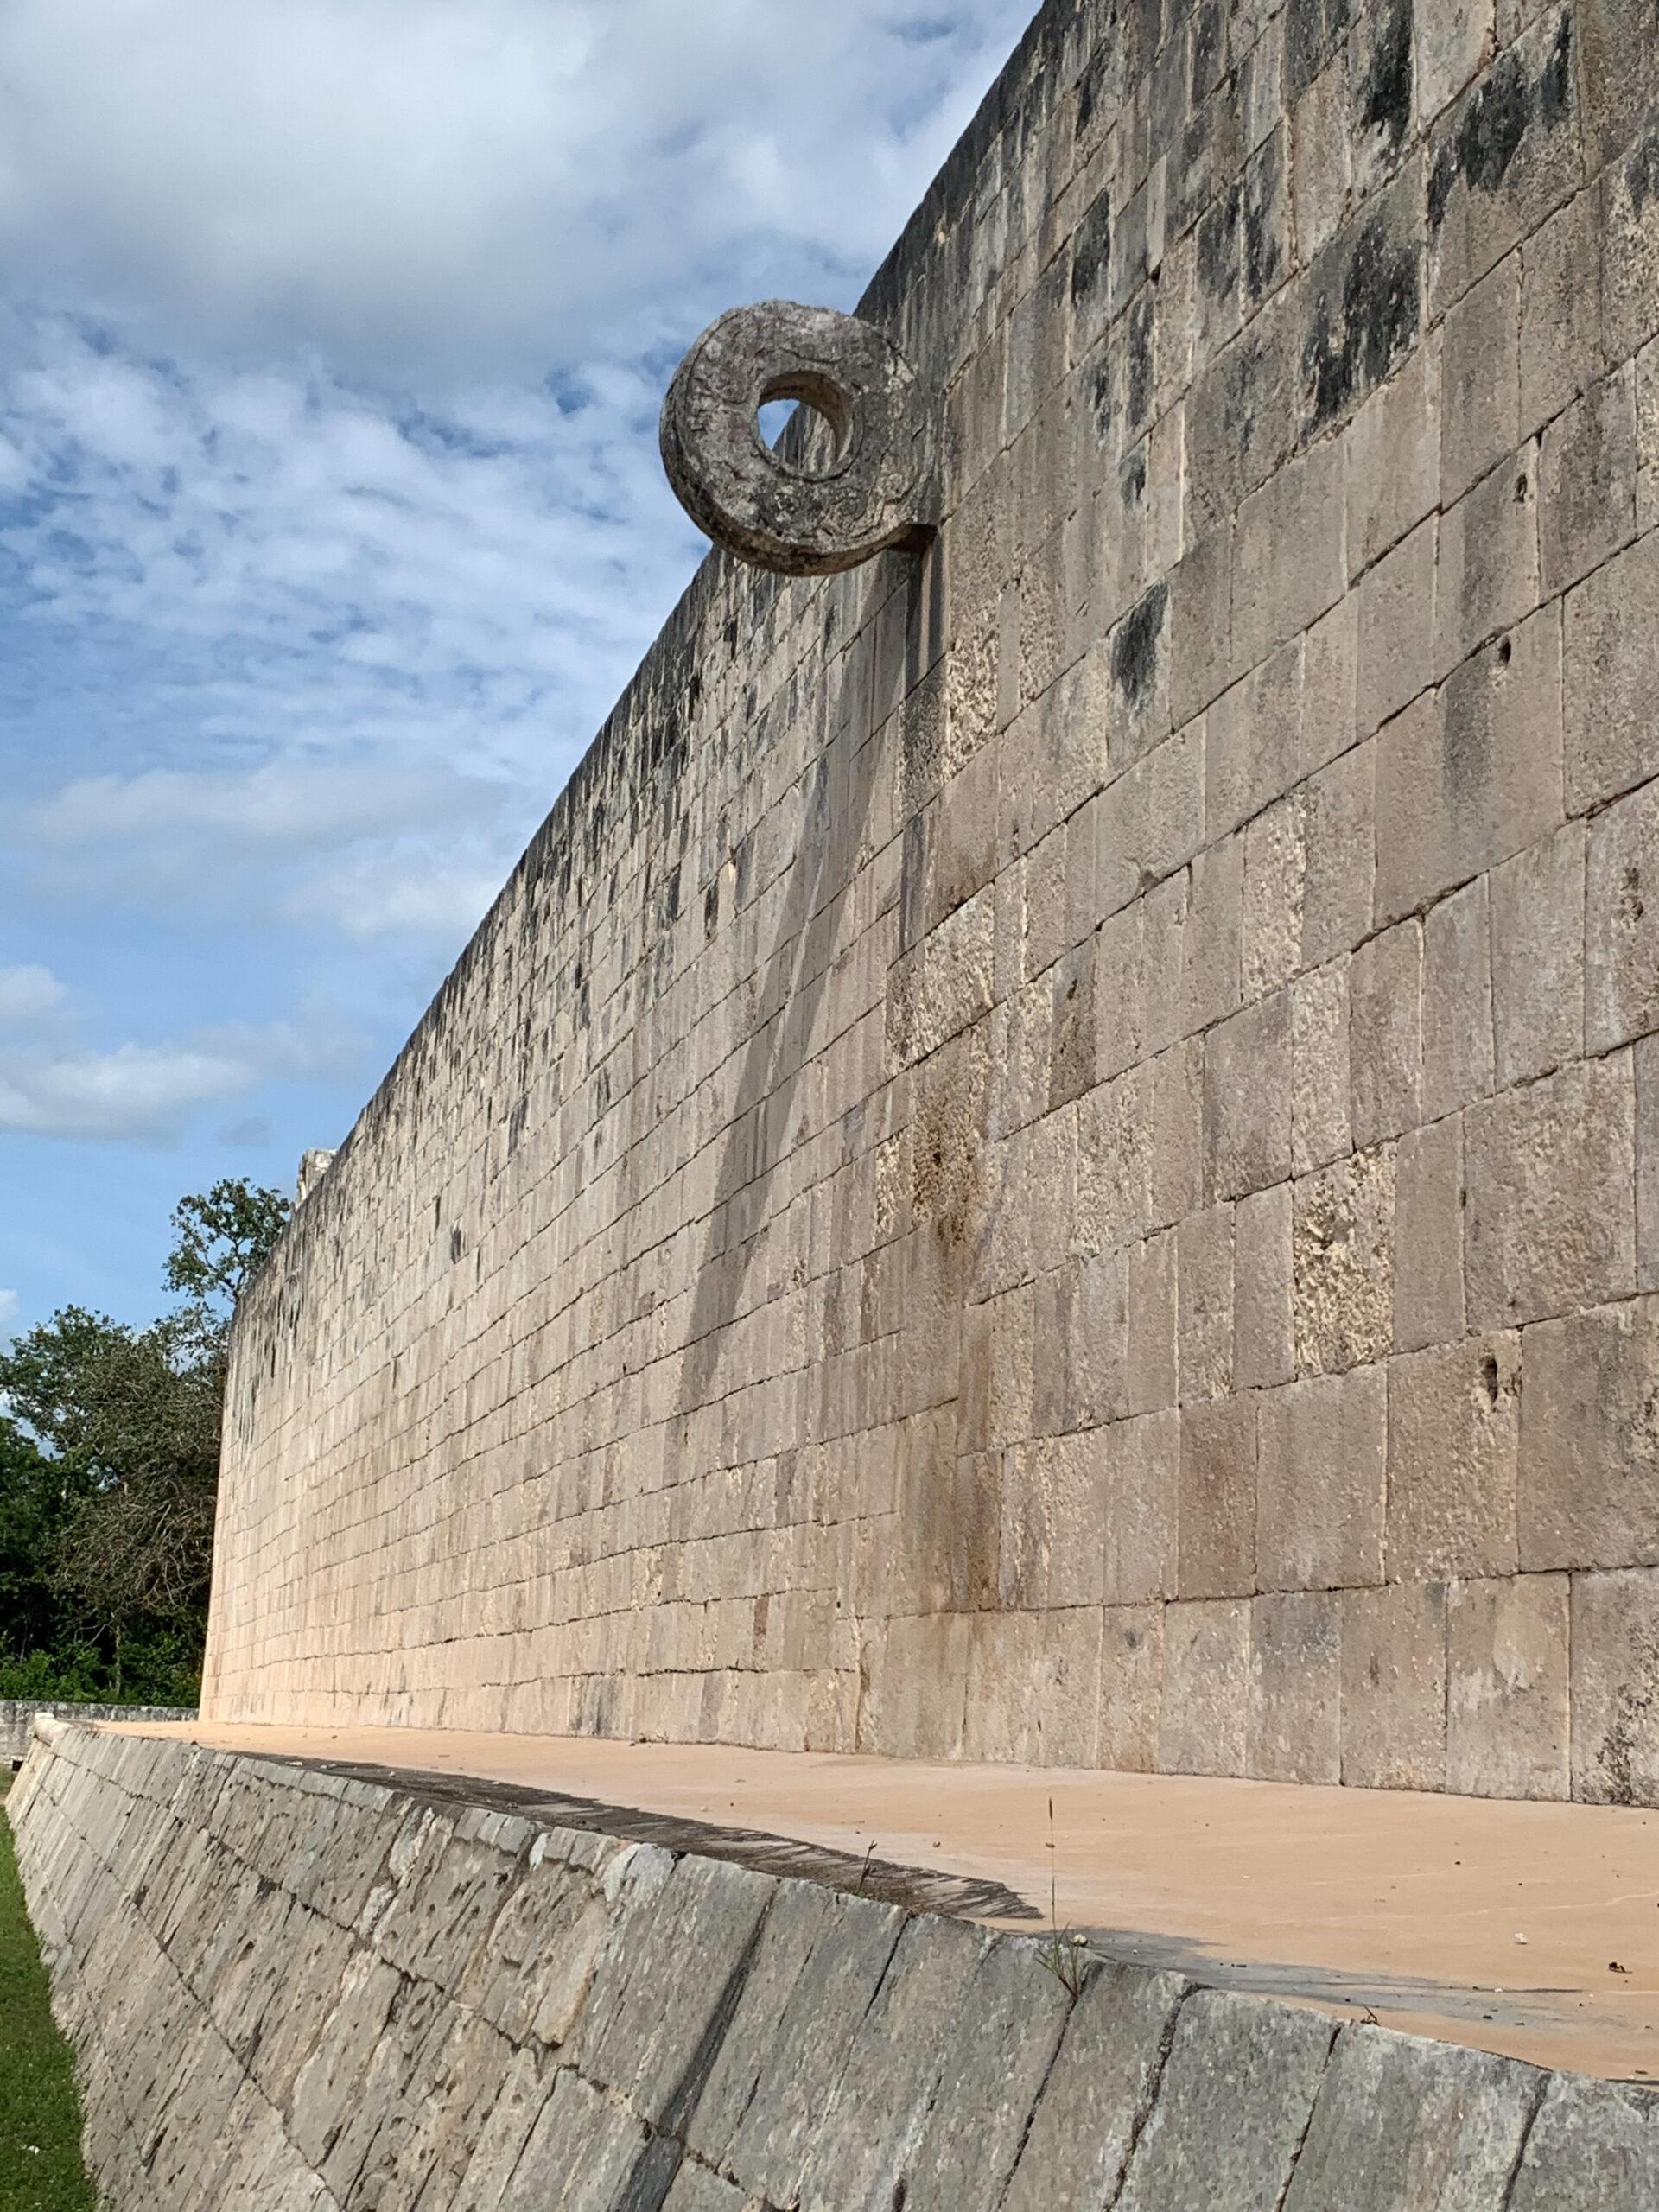 Juego de Pelota Chichen Itzá